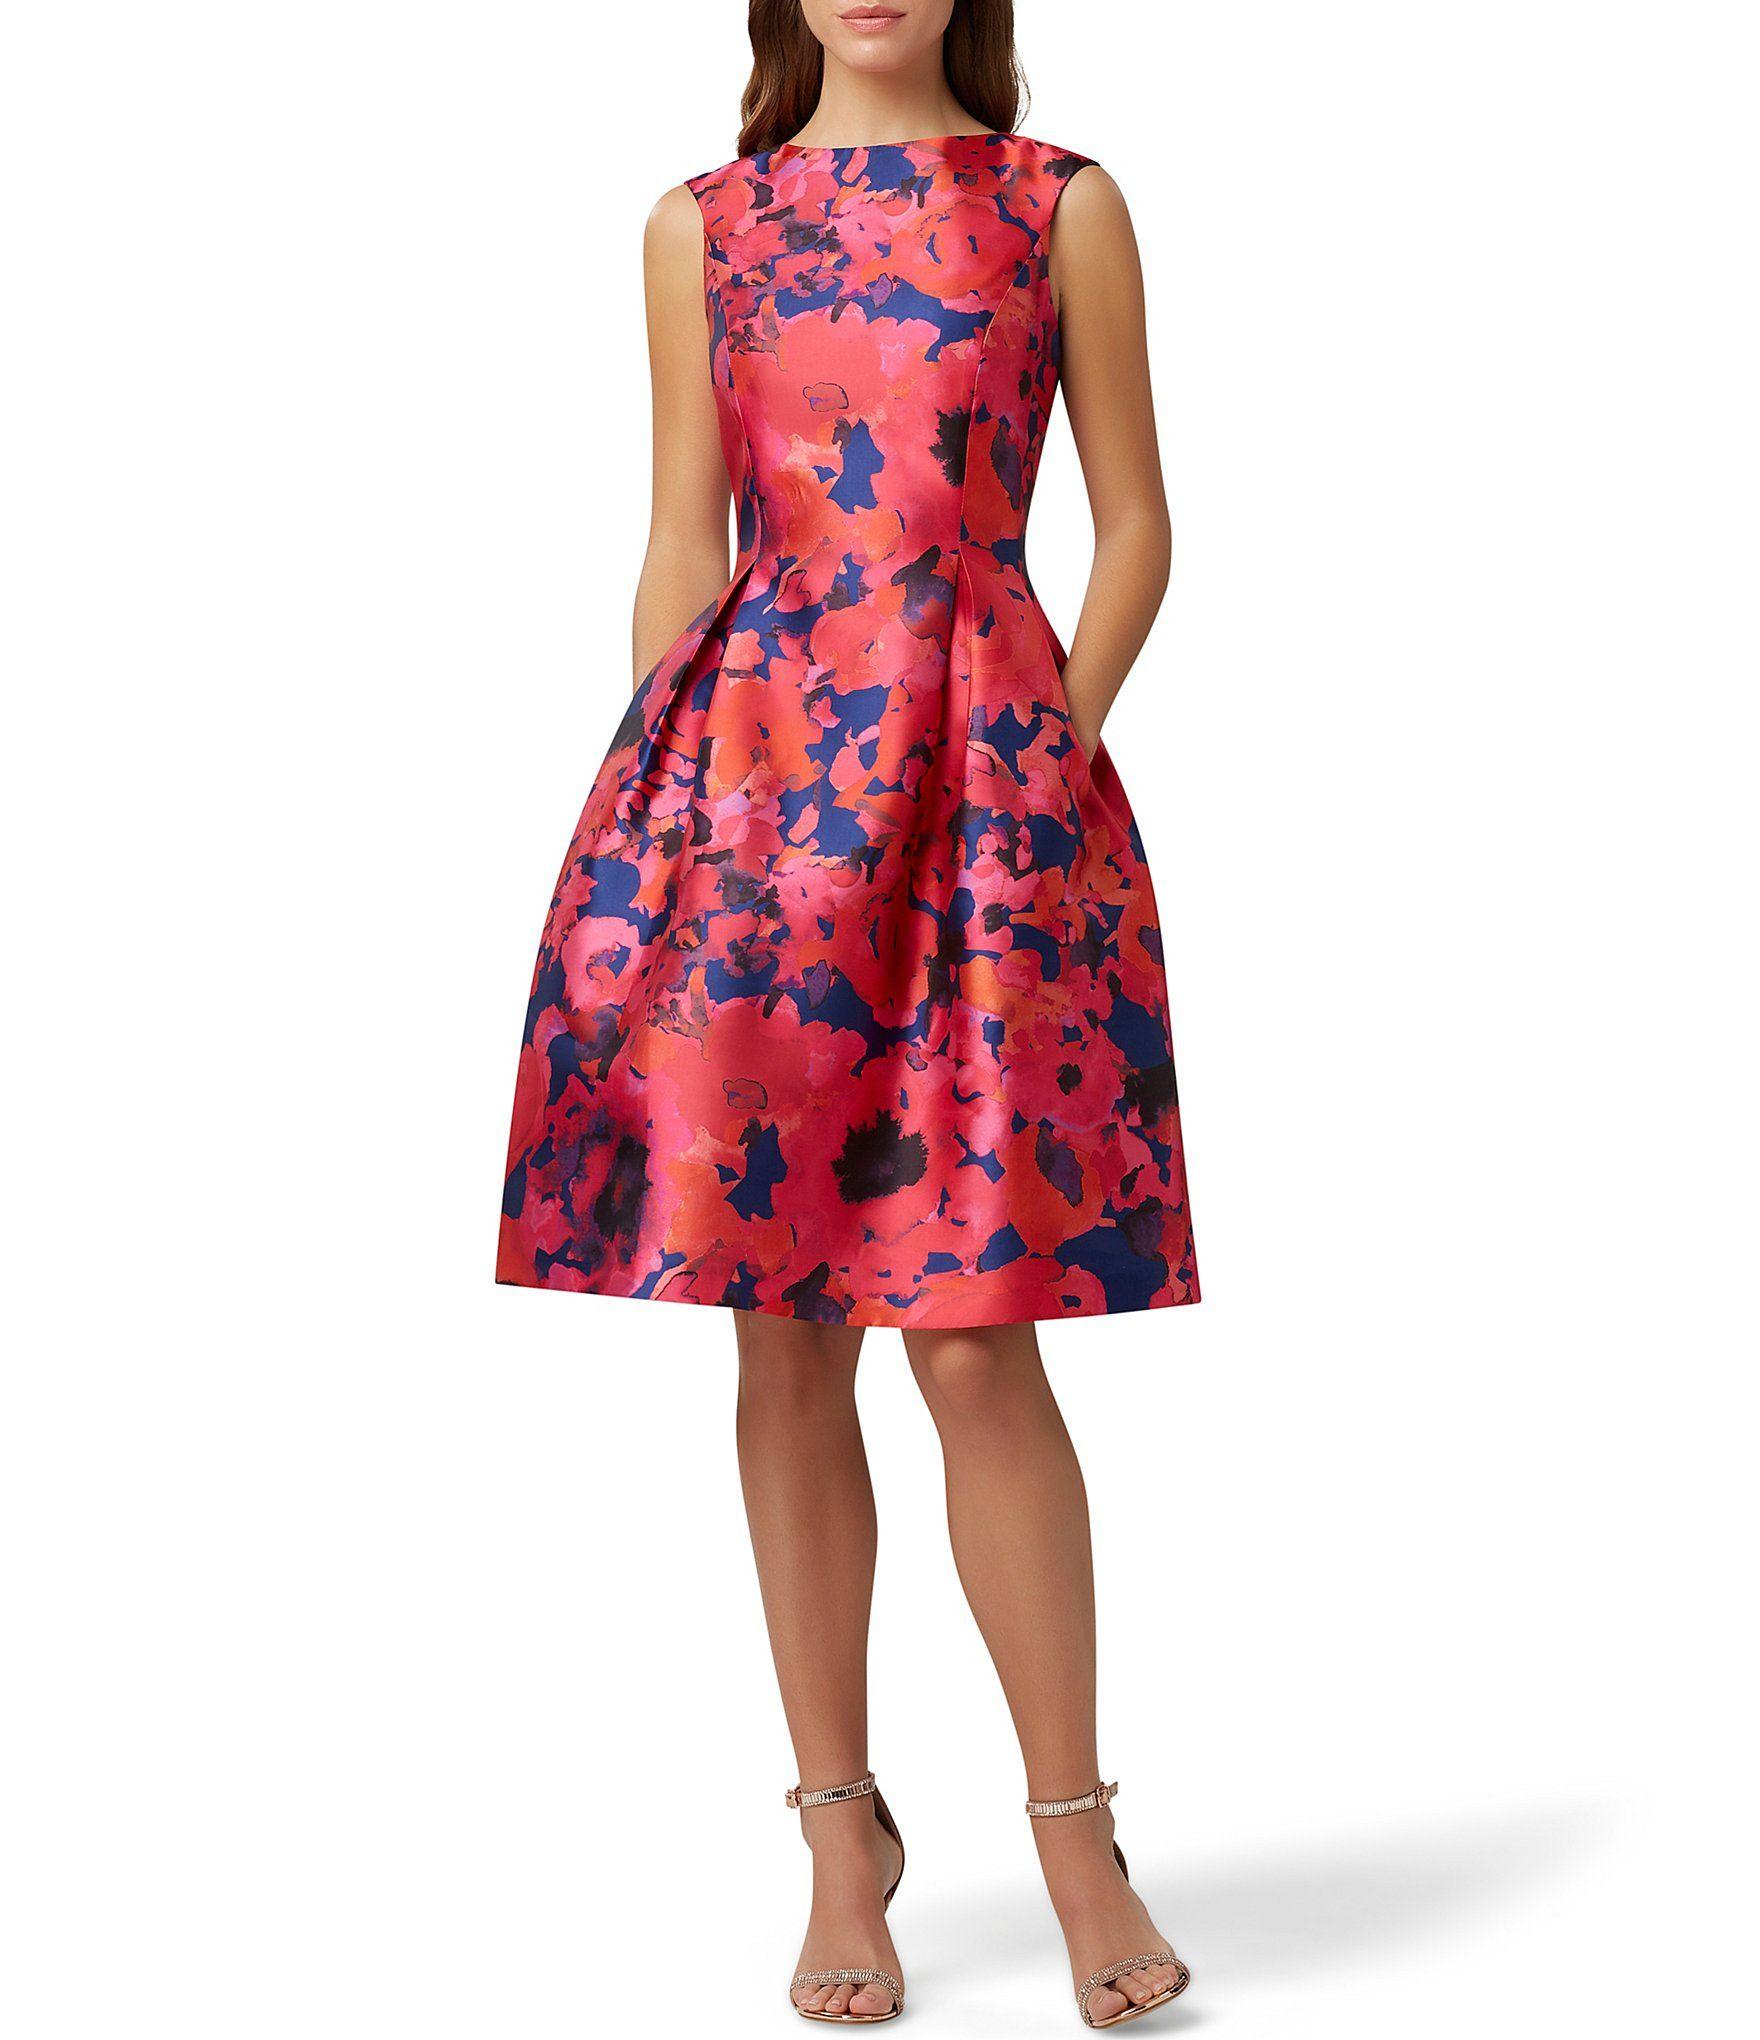 Tahari Asl Floral Print Duchess Twill Fit Flare Party Dress Dillard S In 2020 Fit And Flare Cocktail Dress Summer Cocktail Dress Fit And Flare Dress [ 2040 x 1760 Pixel ]